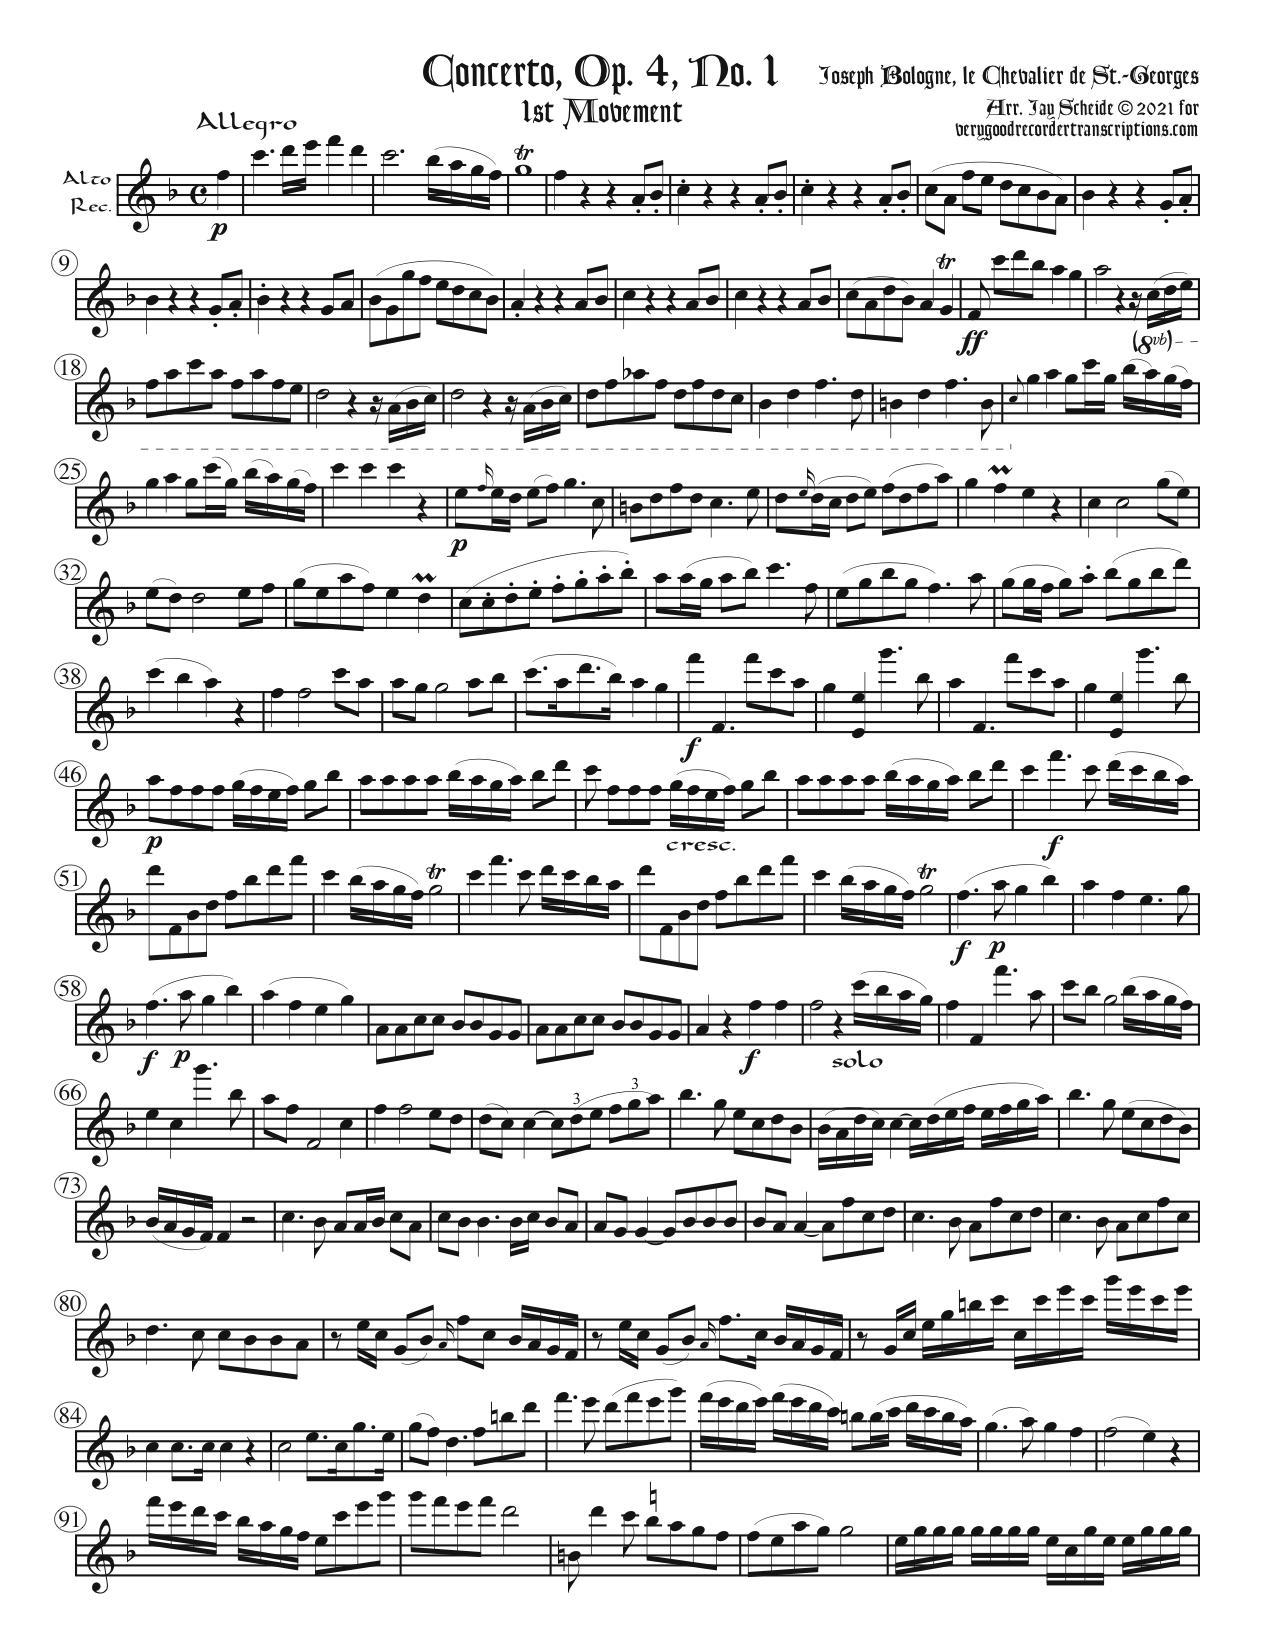 Concerto, Op. 4, No. 1